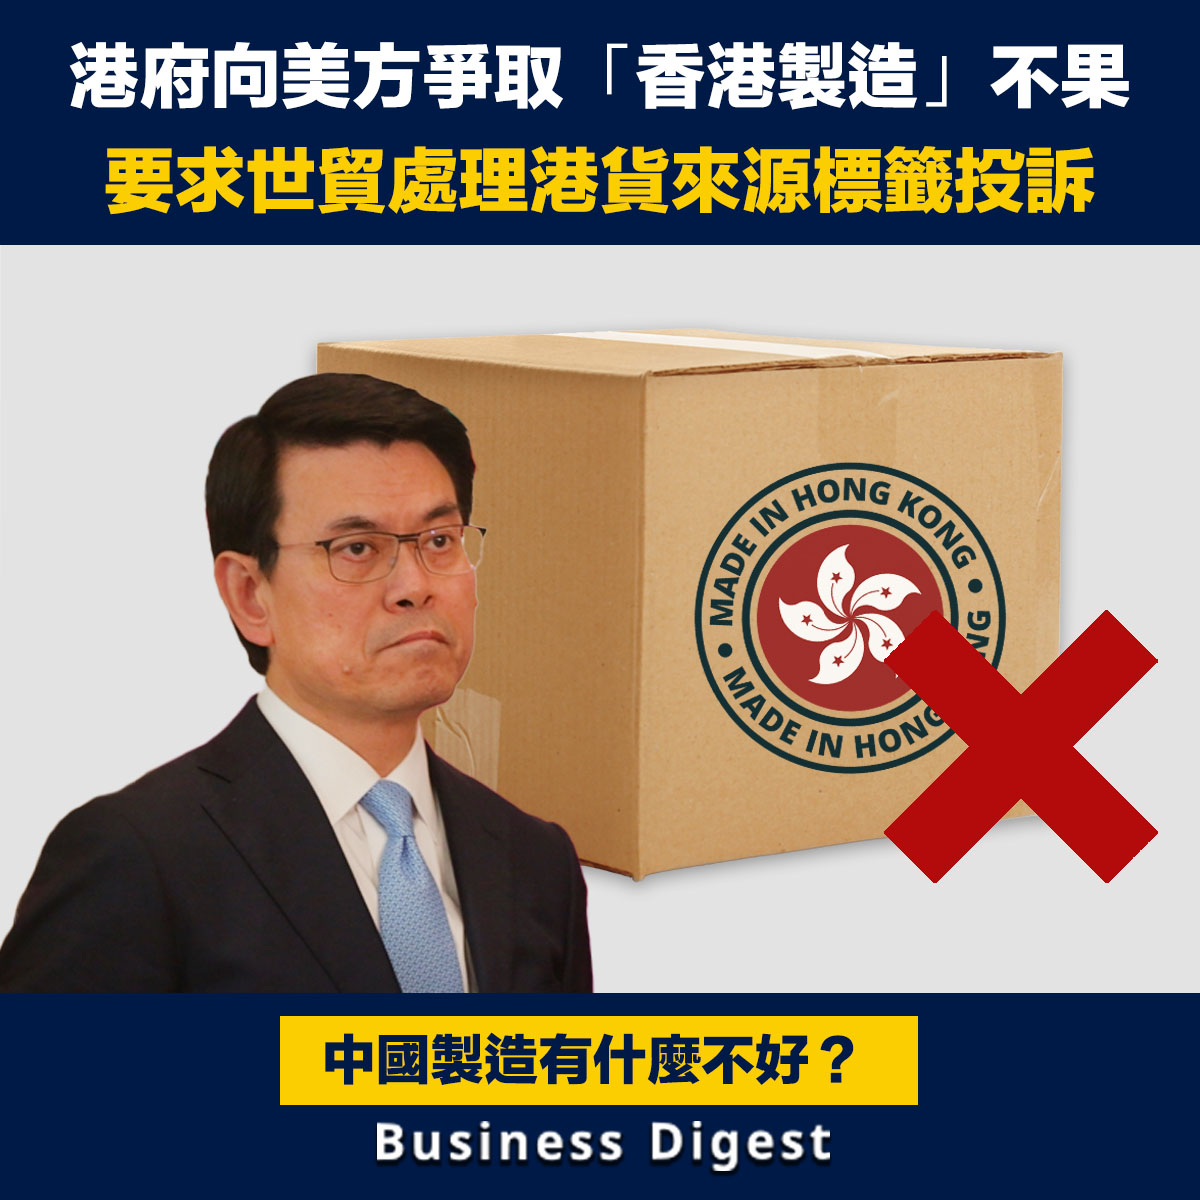 港府此前向美方爭取「香港製造」標籤,惟不能從美方得到令人滿意的回覆